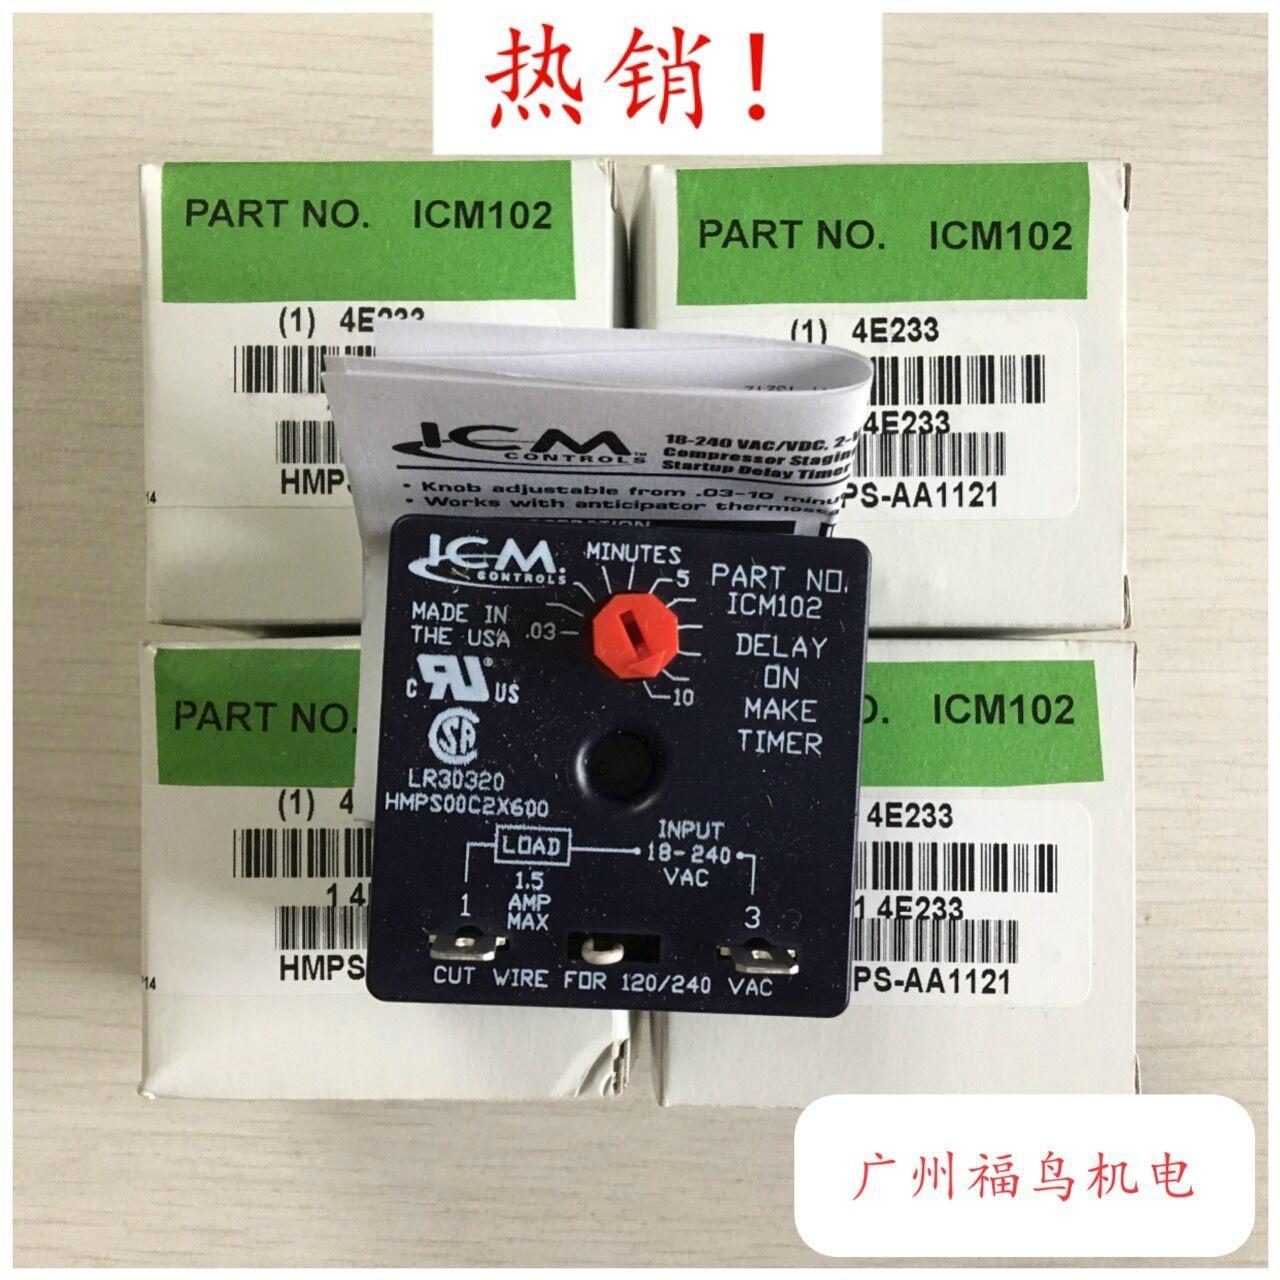 ICM繼電器, 型號: ICM102